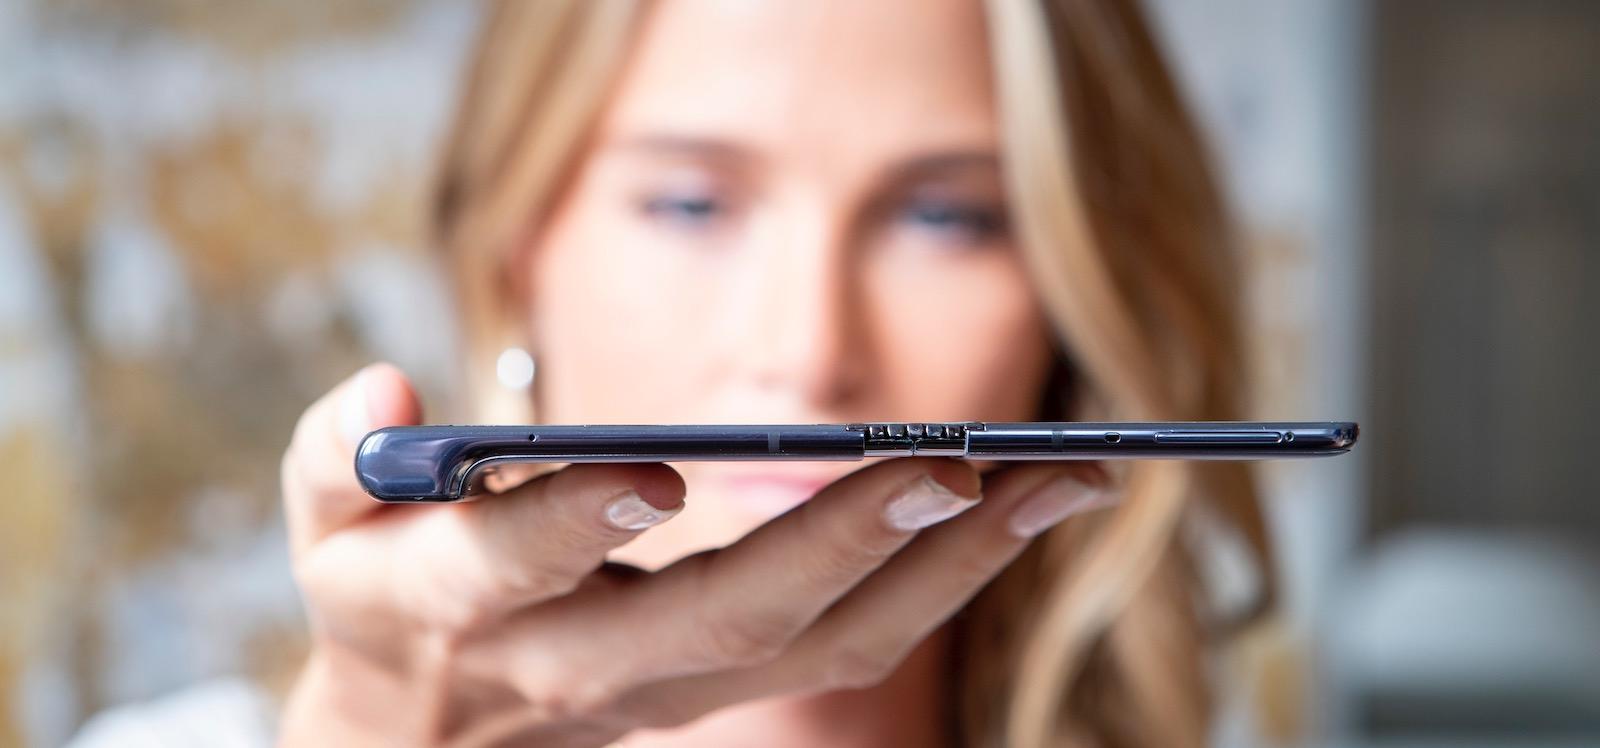 Trends der MWC Barcelona: Die Smartphone-Zukunft ist faltbar